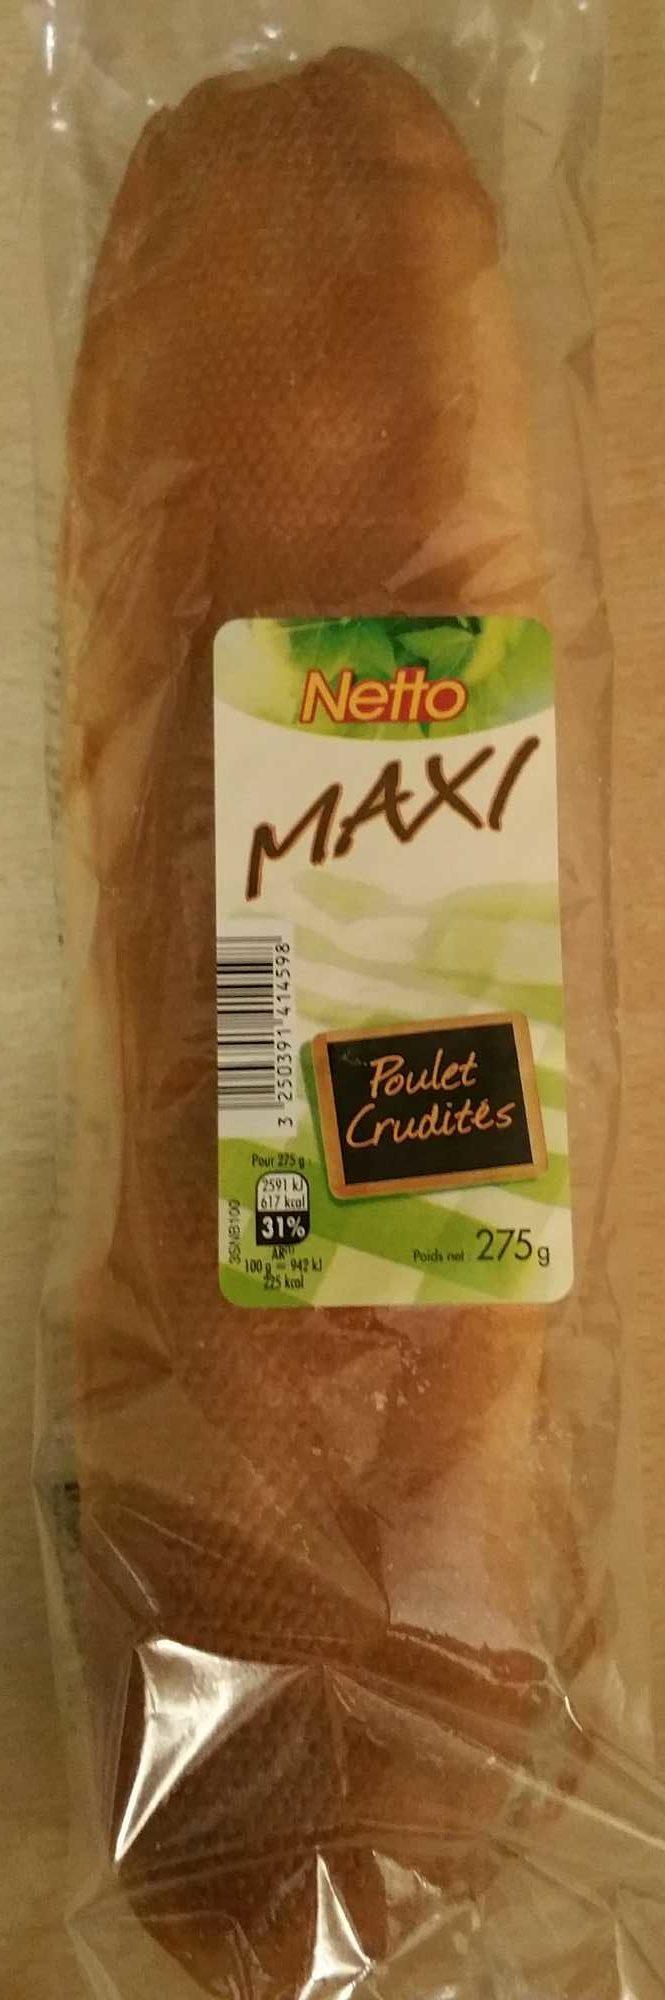 Maxi Poulet crudités - Produit - fr